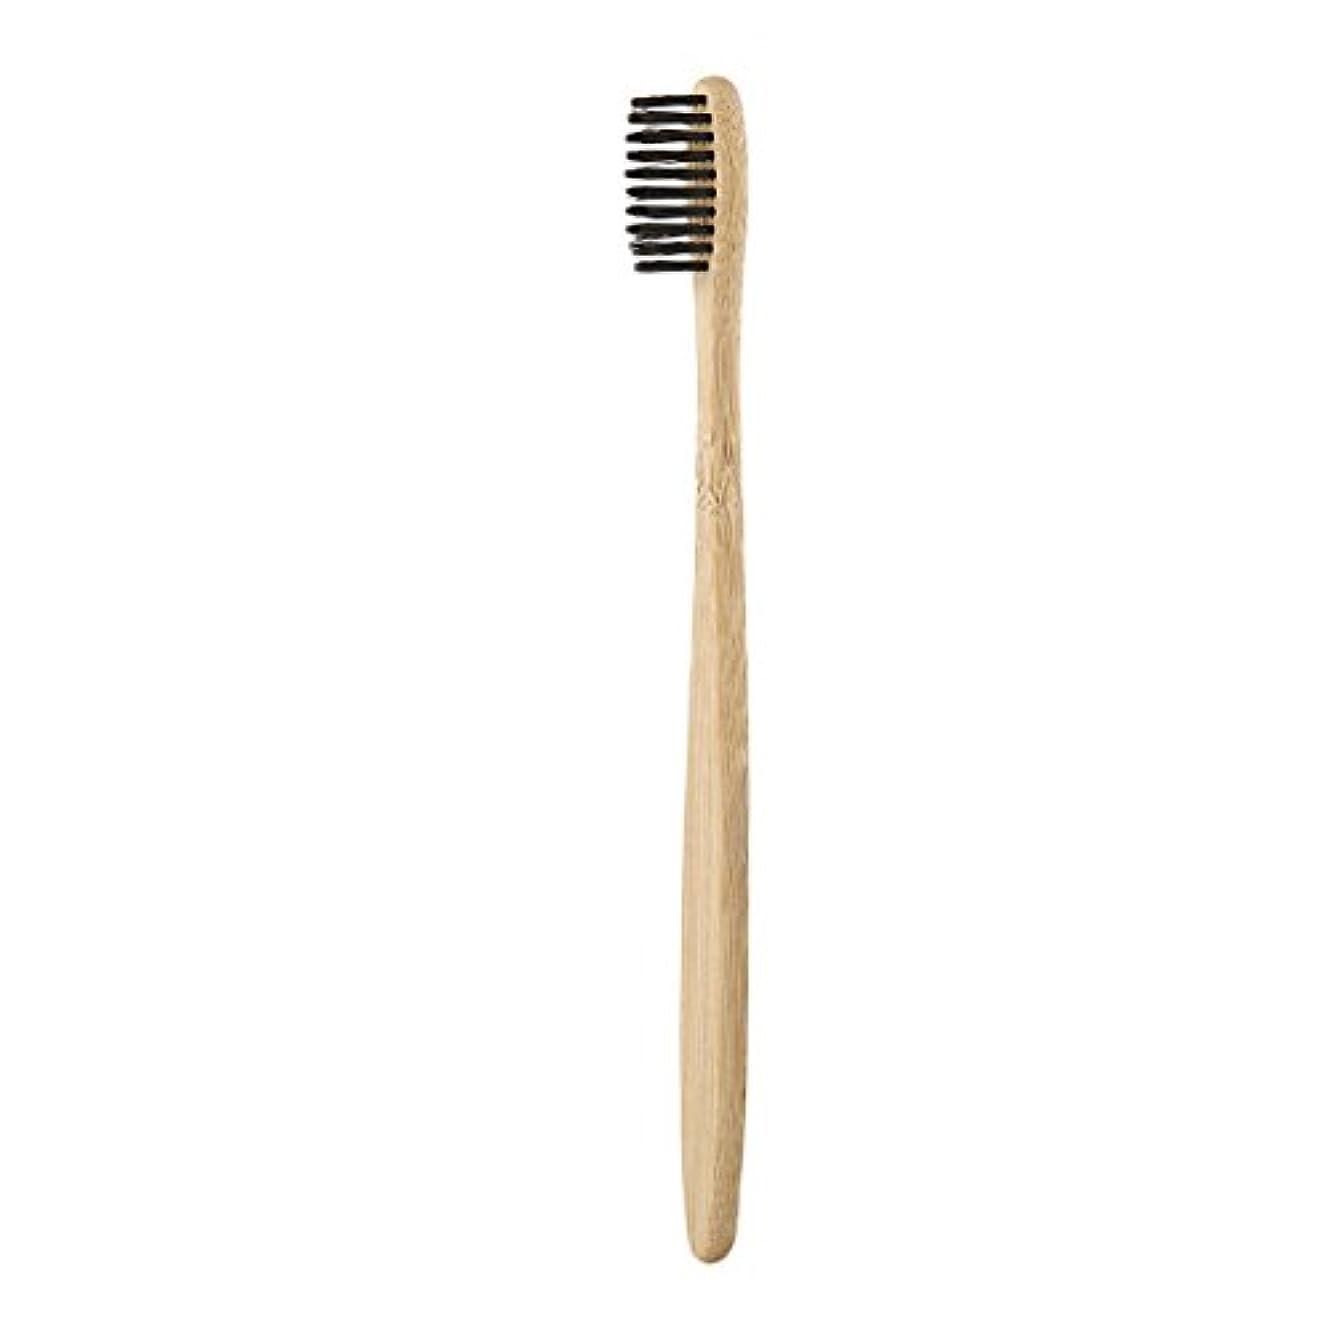 マサッチョ暗記する落胆させるハンドメイドの快適で環境に優しい環境の歯ブラシのタケハンドルの歯ブラシ木炭剛毛健康口頭心配(木製色)